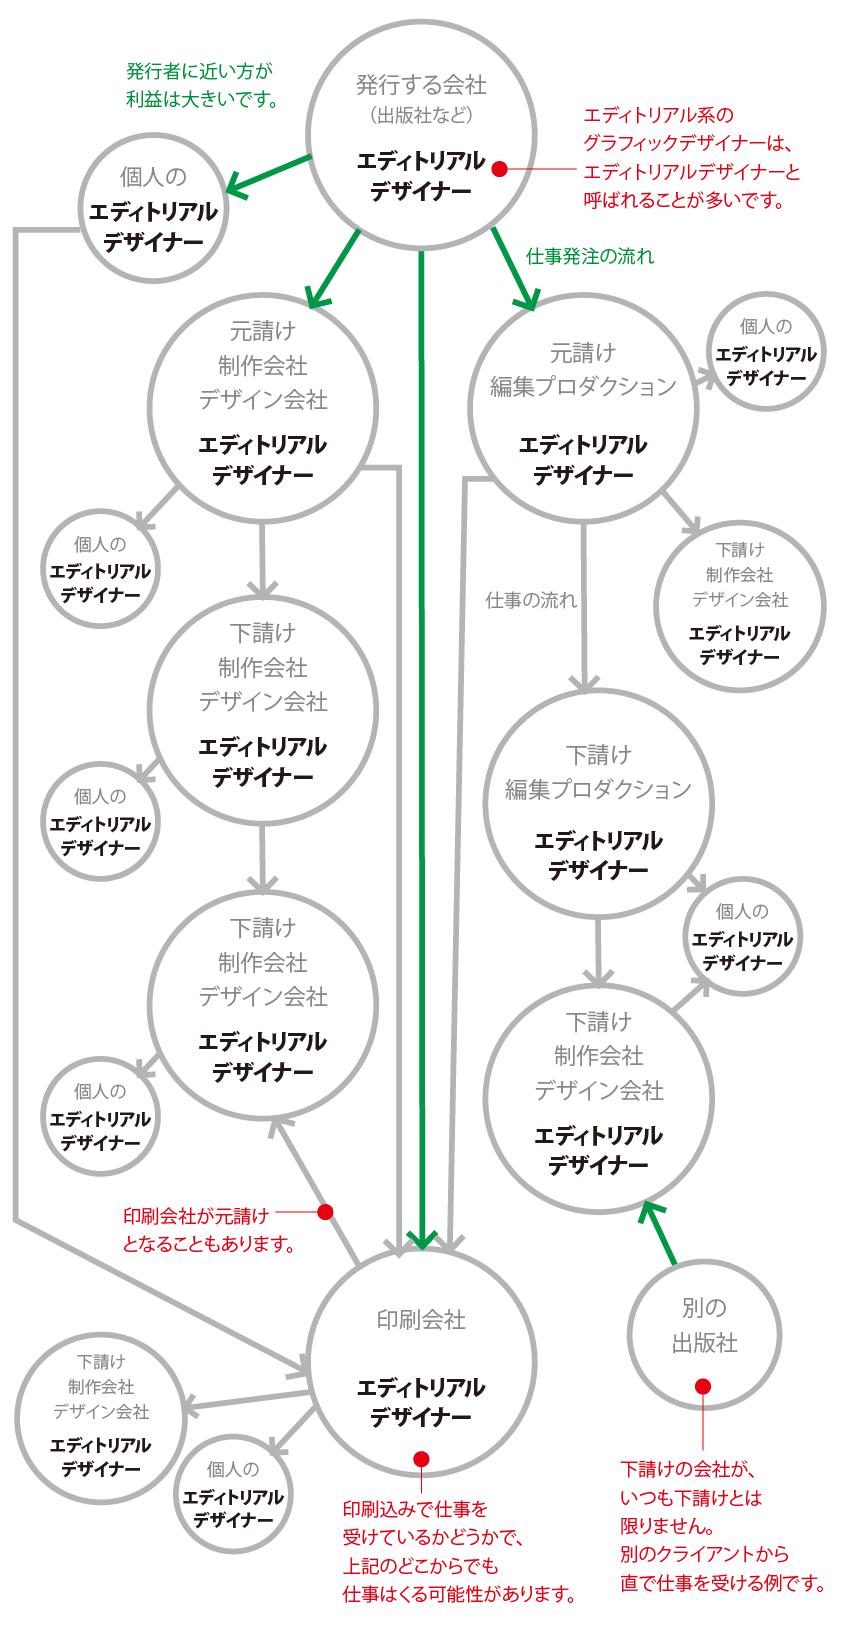 エディトリアルデザイナーが働く会社の説明です。会社同士の相関関係がわかるチャートの画像になっています。